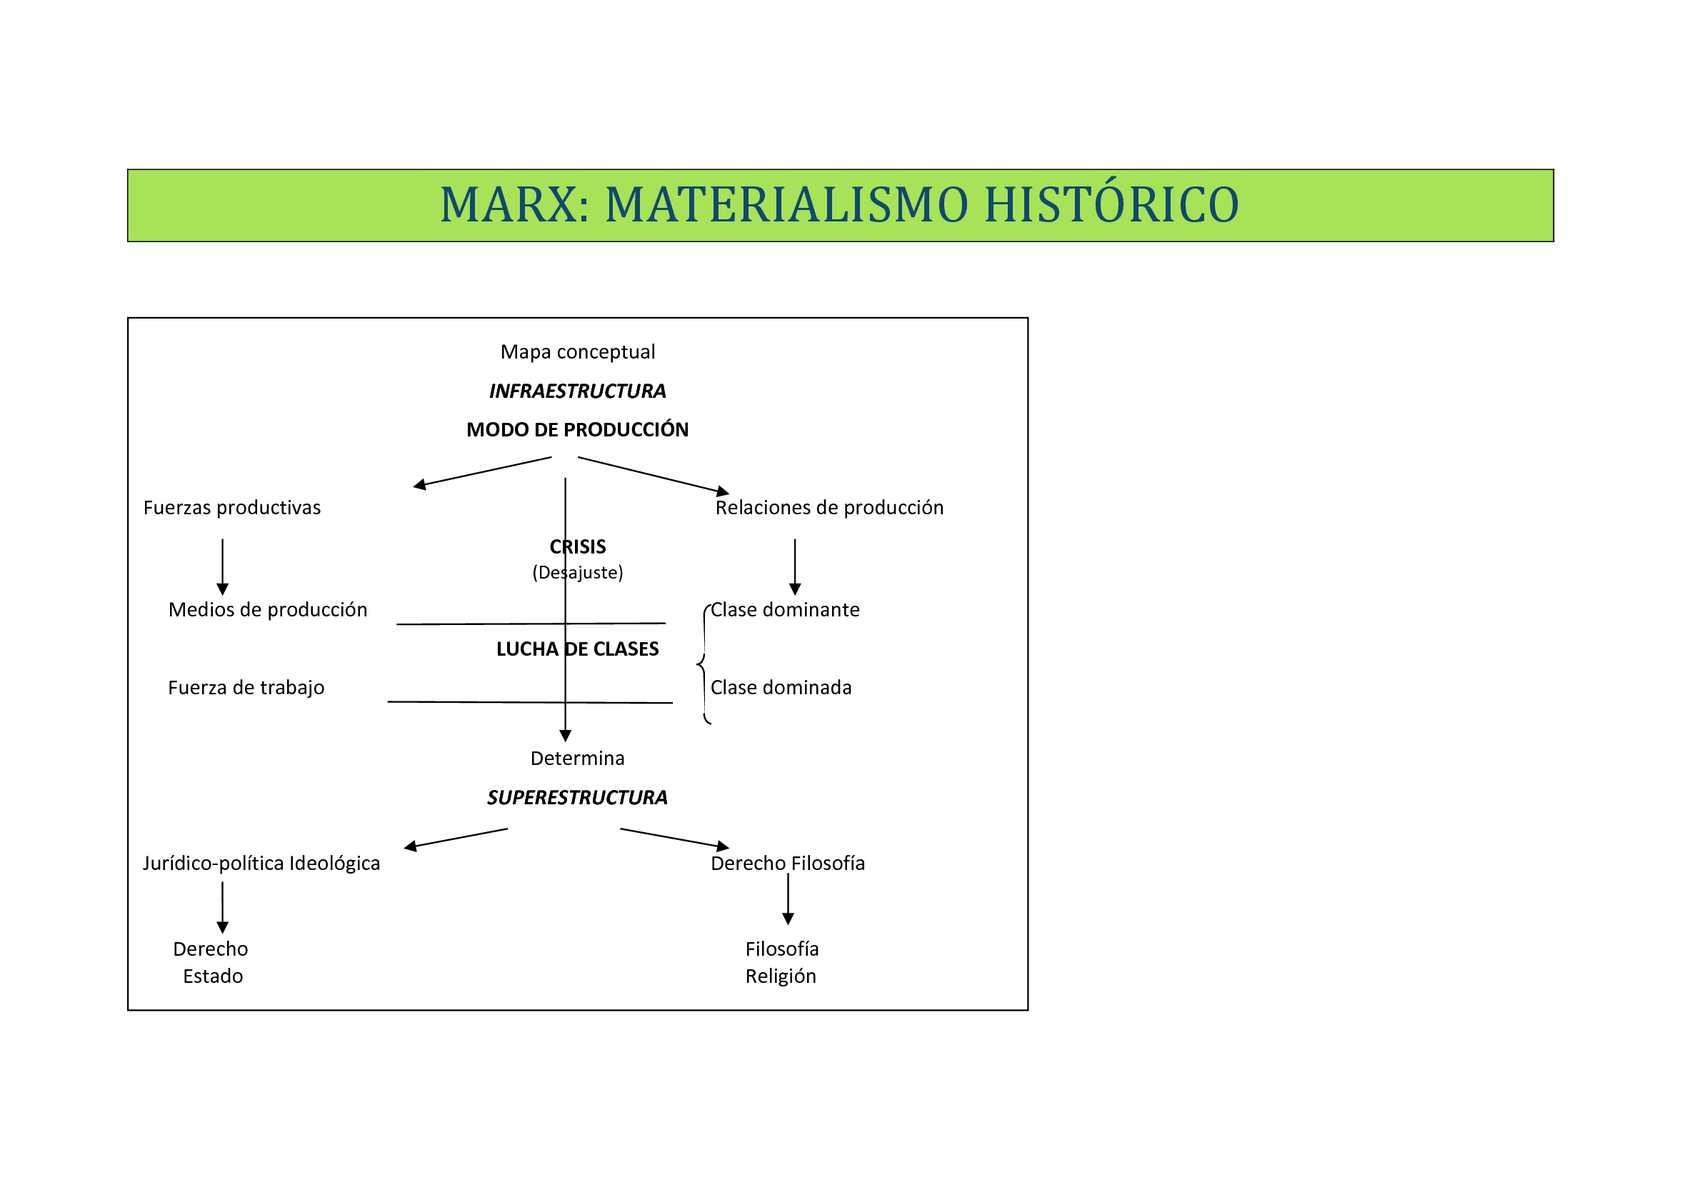 Calaméo Marx Materialismo Histórico